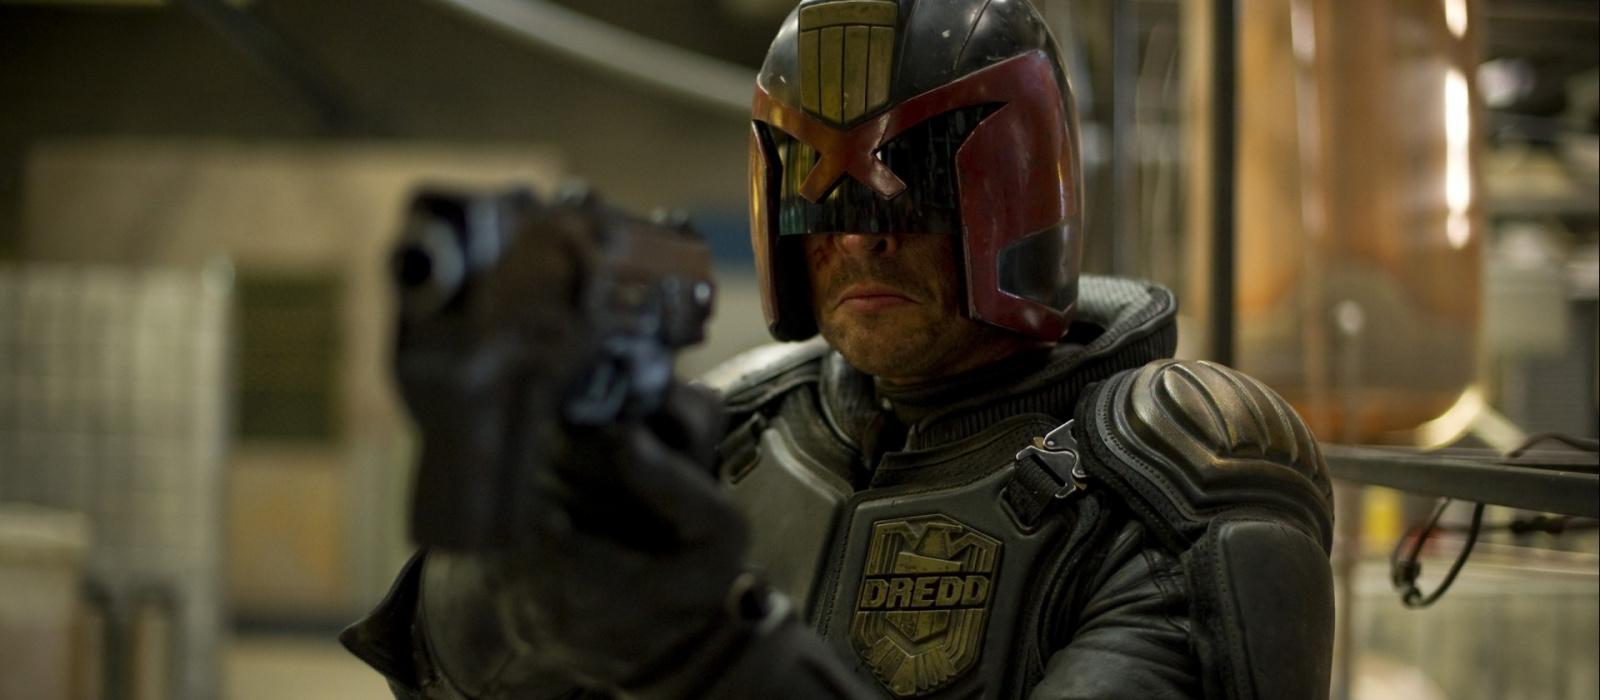 I Am Law: Richter Dredd erscheint in Call of Duty Warzone und Black Ops Cold War